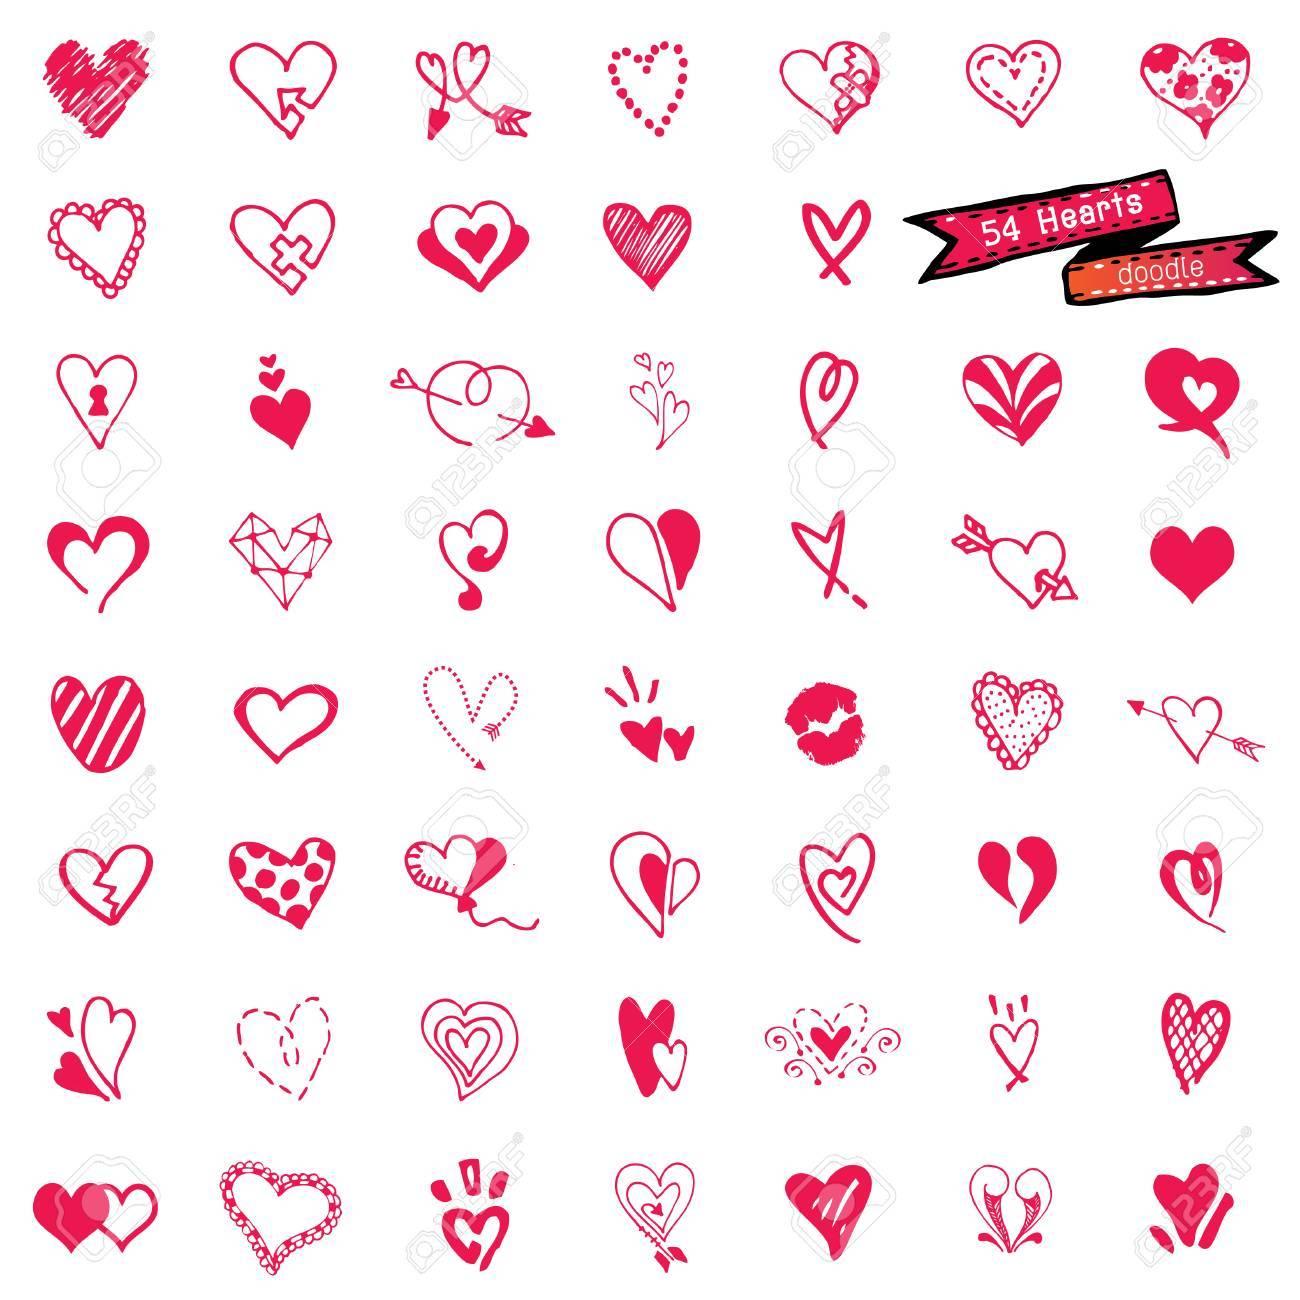 54 Heart set, doodle vector - 35128563